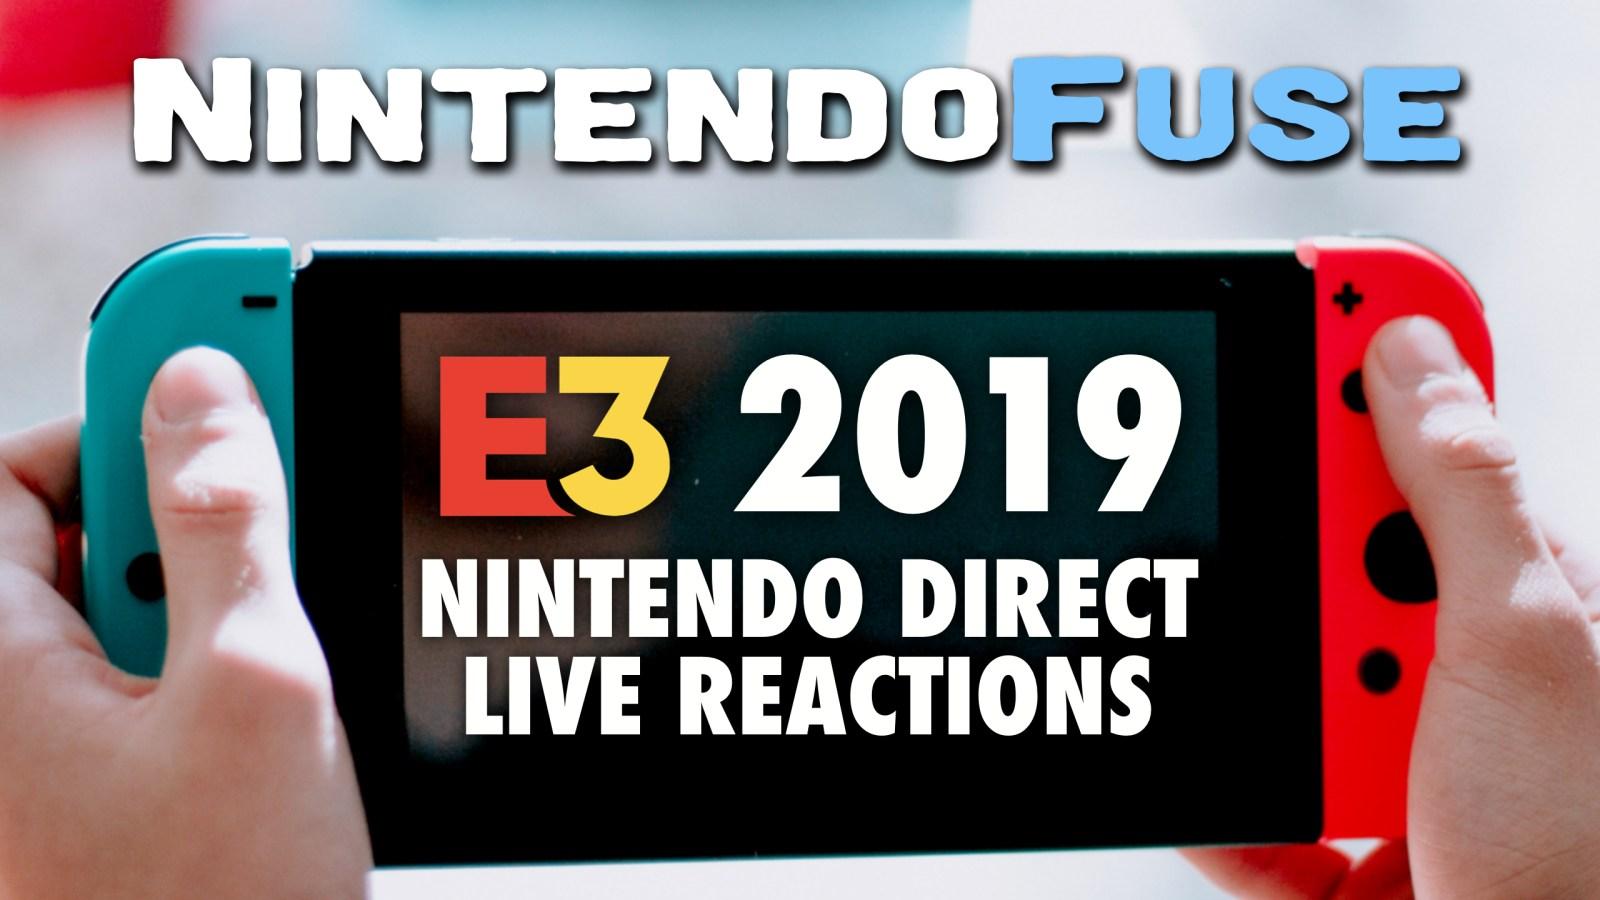 Nintendo Direct E3 2019 Live Reactions - NintendoFuse